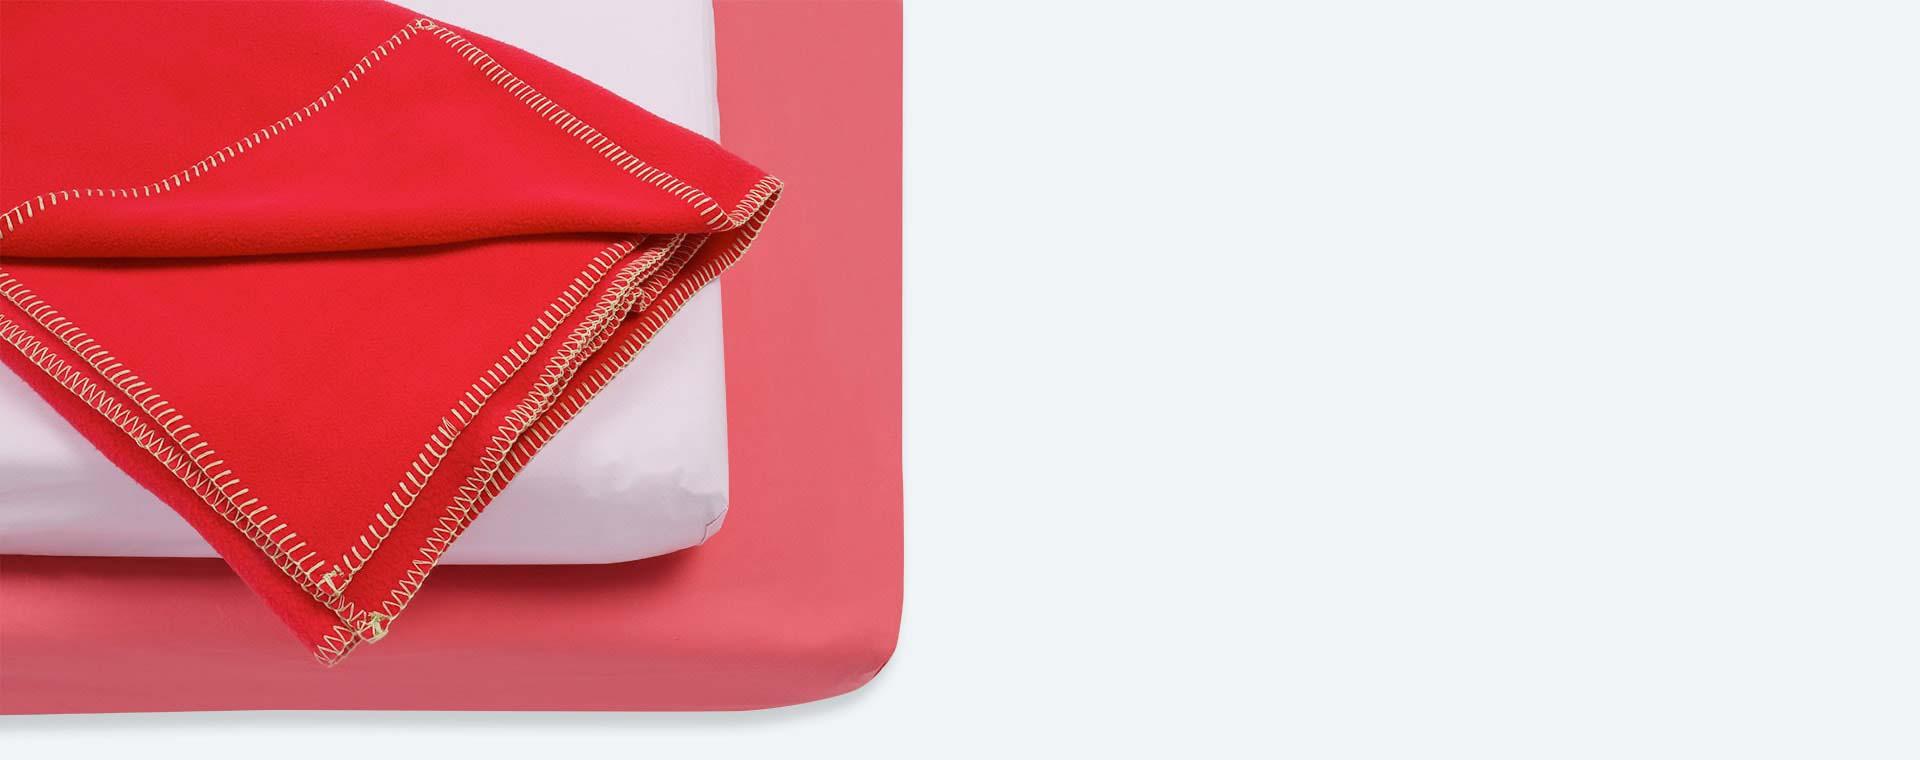 Pink KIDLY Home Cot Bed Bedding Bundle